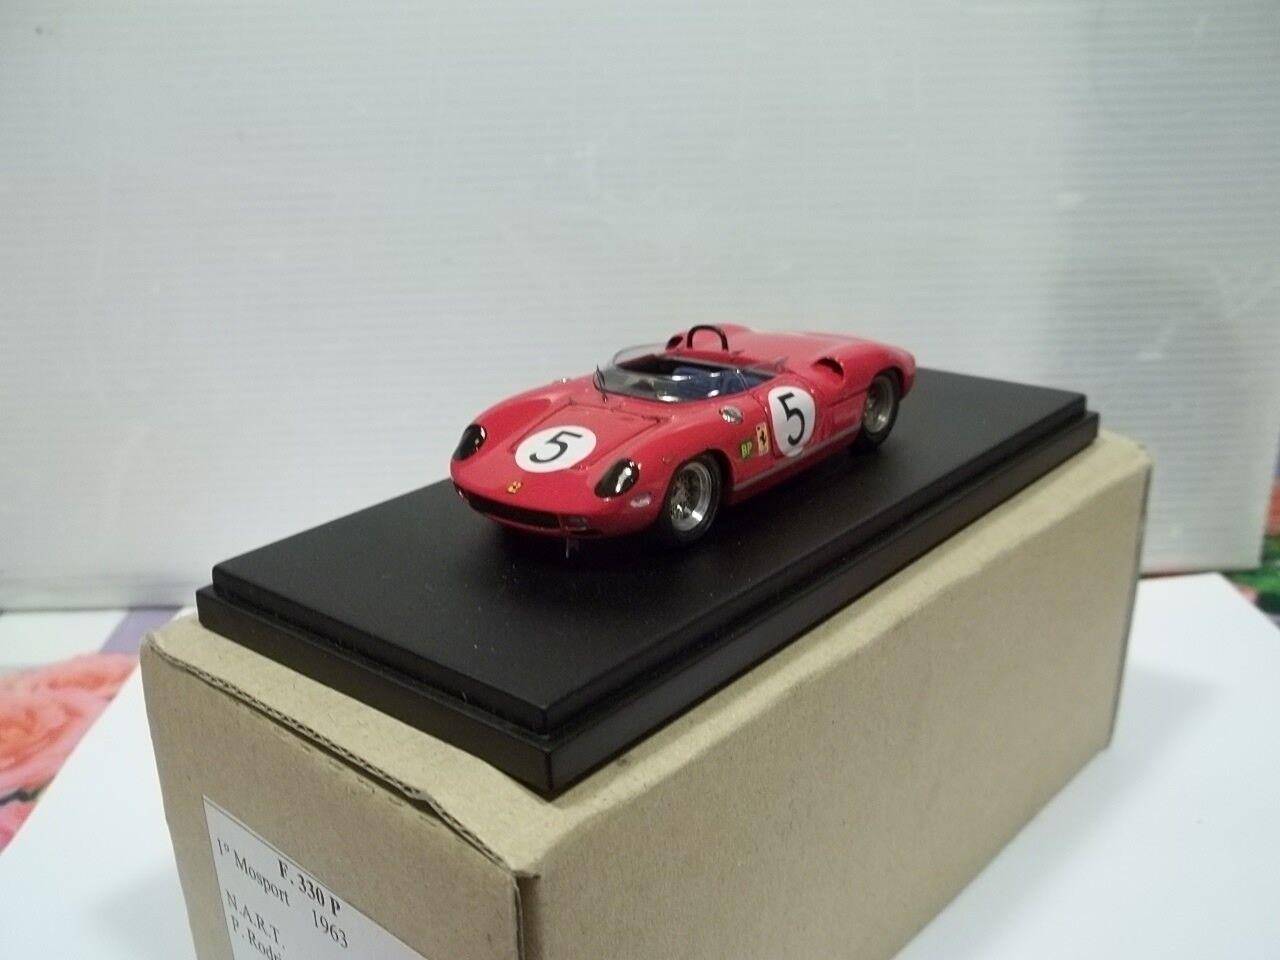 Mad models sc1 43 ferrari 330p 1°motosport 1963 n.a.r.t. rodriguez factory bulit